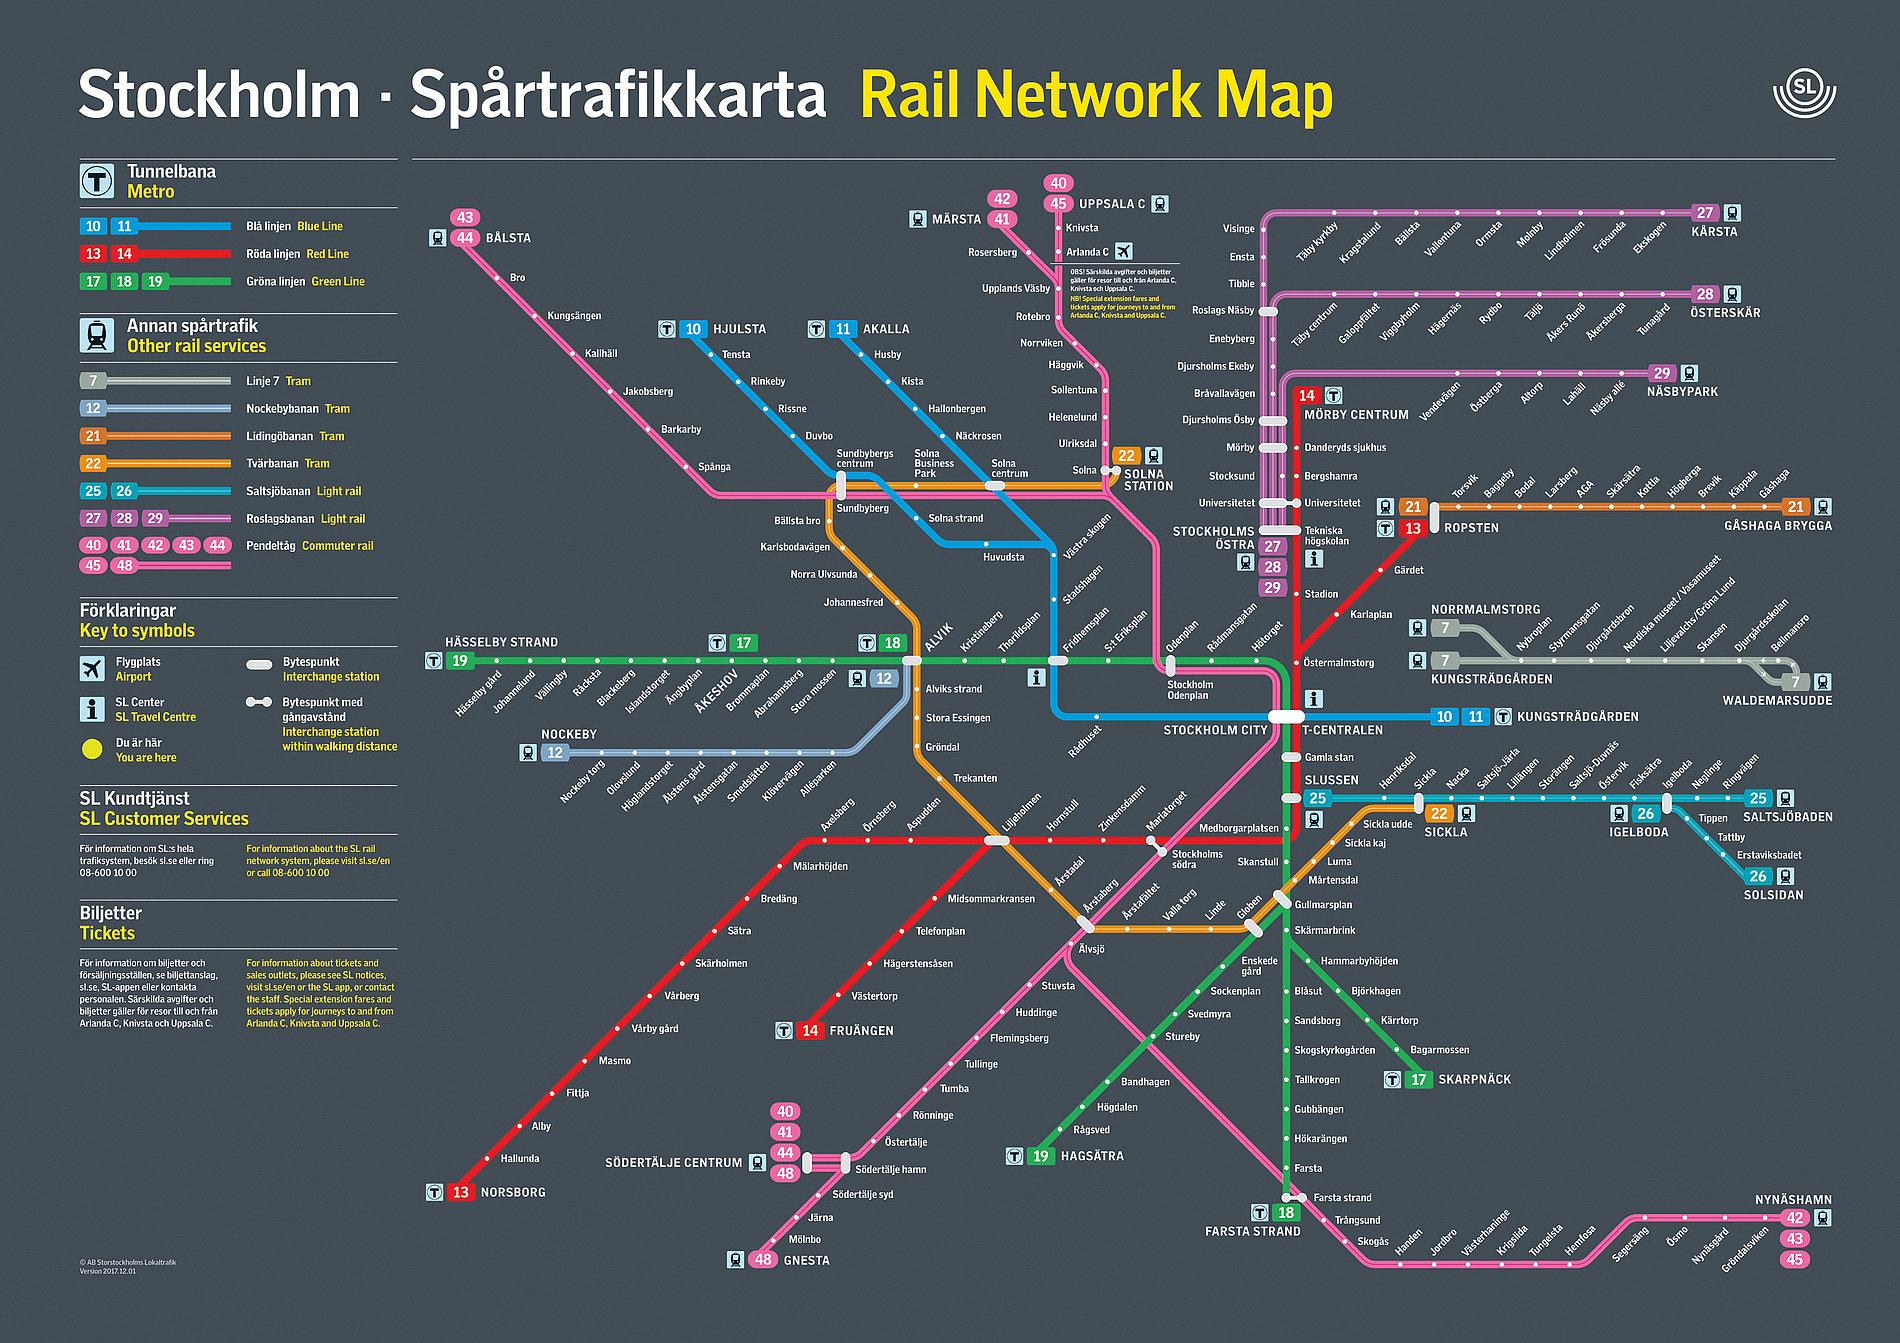 SL (Stockholm Public Transport) | Red Dot Design Award